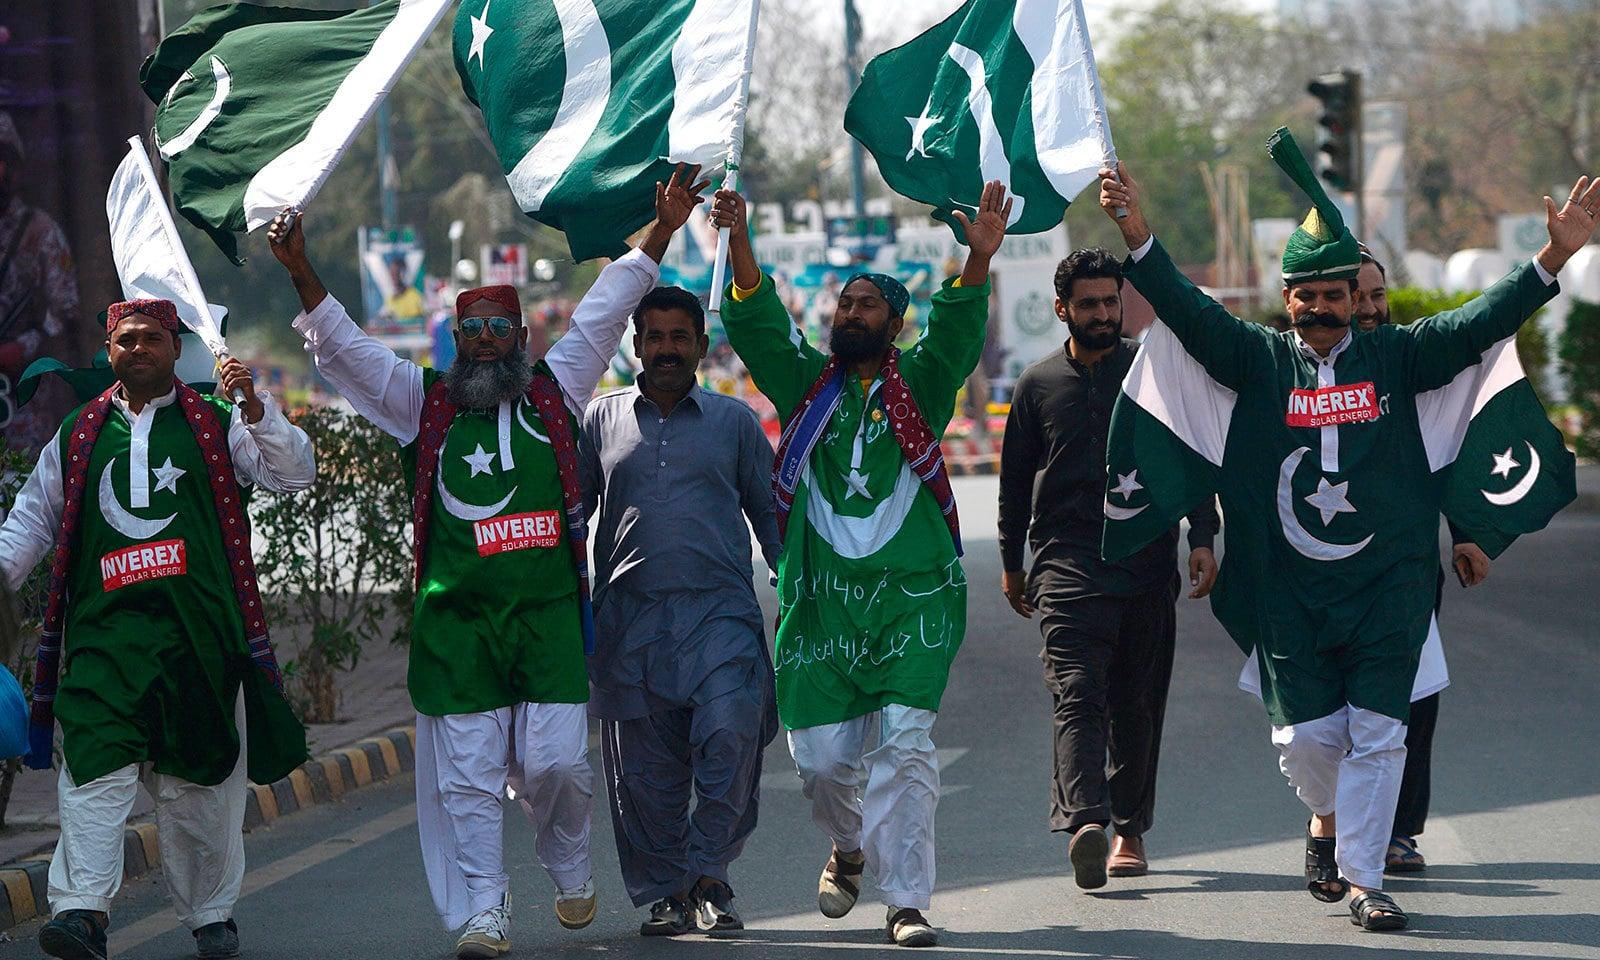 کراچی میں کرکٹ شائقین نے قومی پرچم اٹھائے ہوئے تھے—فوٹو:اے ایف پی